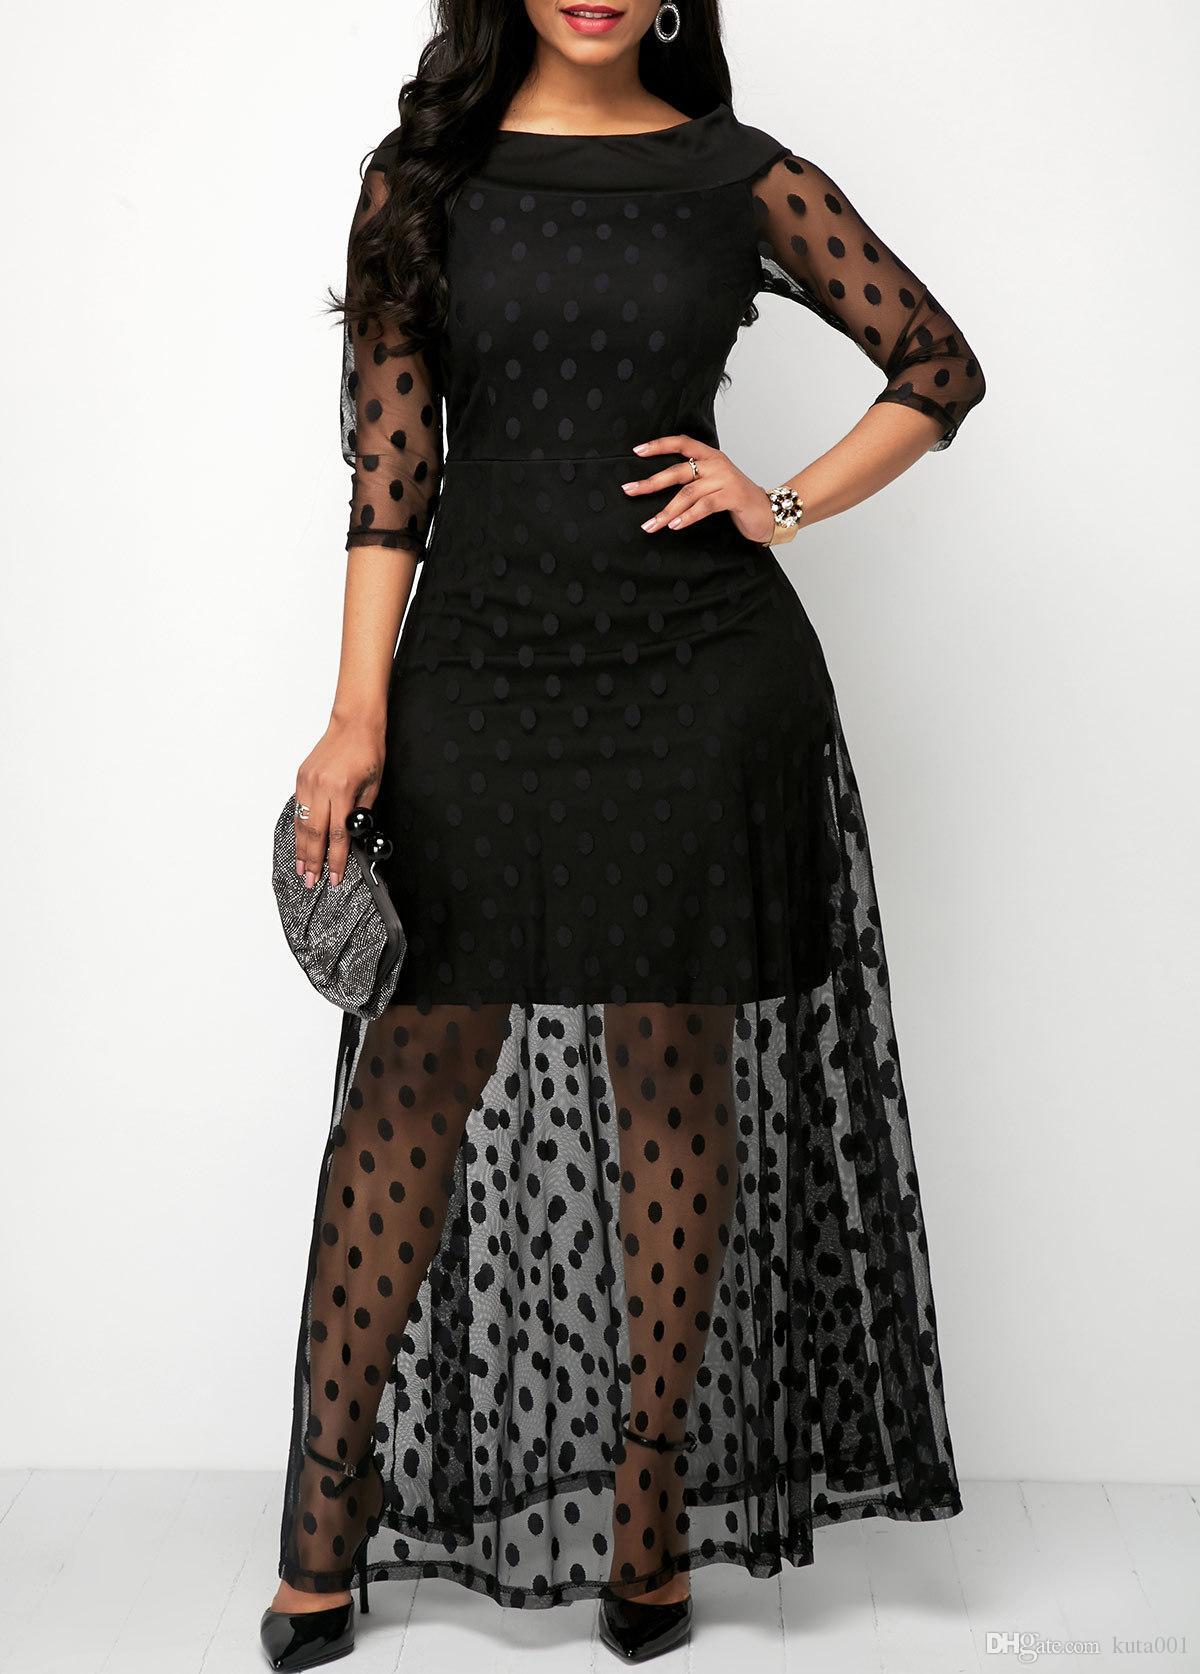 Otoño vestido de las mujeres del verano de Boho del estilo del lunar ver a través de malla vestidos largos para las mujeres Venta elegante ropa de fiesta vestidos de mujer caliente